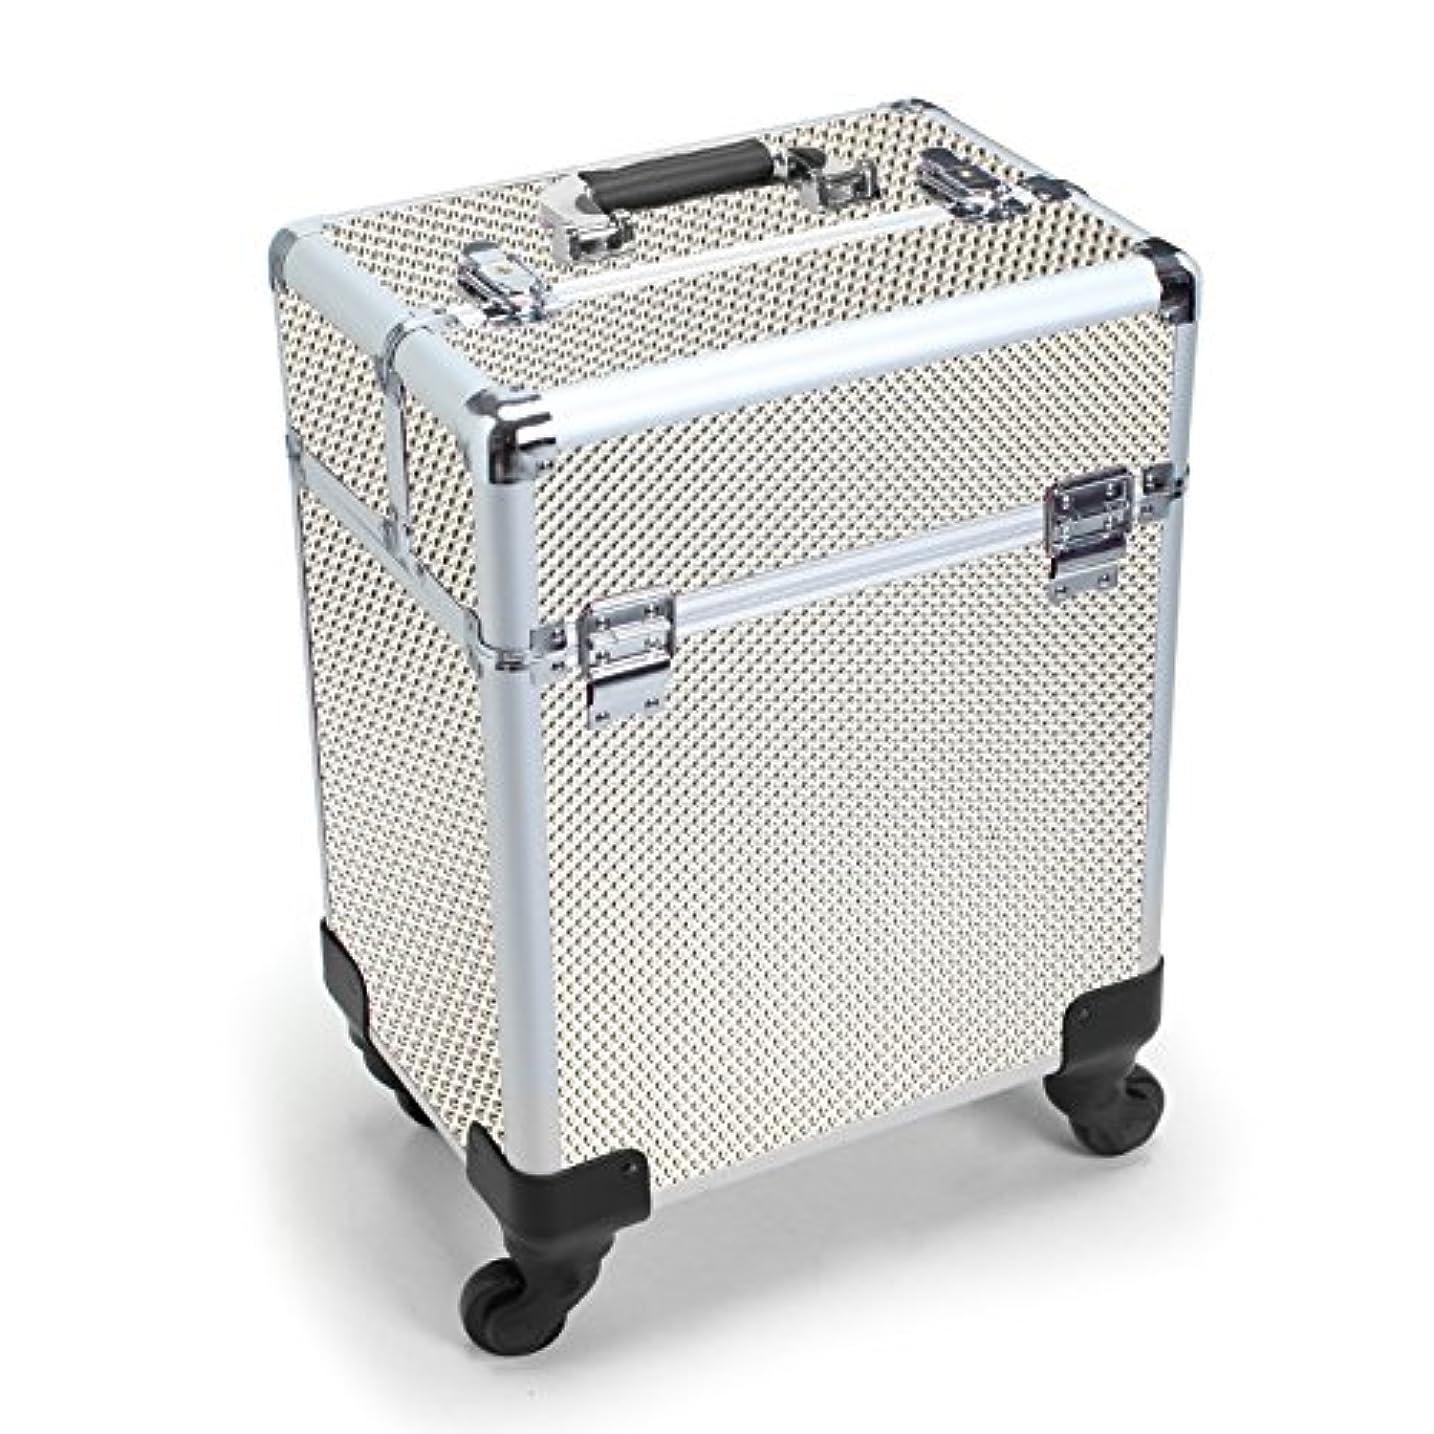 成功したウルルキャッシュMCTECH キャリーケース レバー式 メイクボックス 美容師用 スーツケース型 化粧品 プロ用 薬箱 救急箱 収納 キャスター付き カギ付き 超大型メイクケース ジルバー